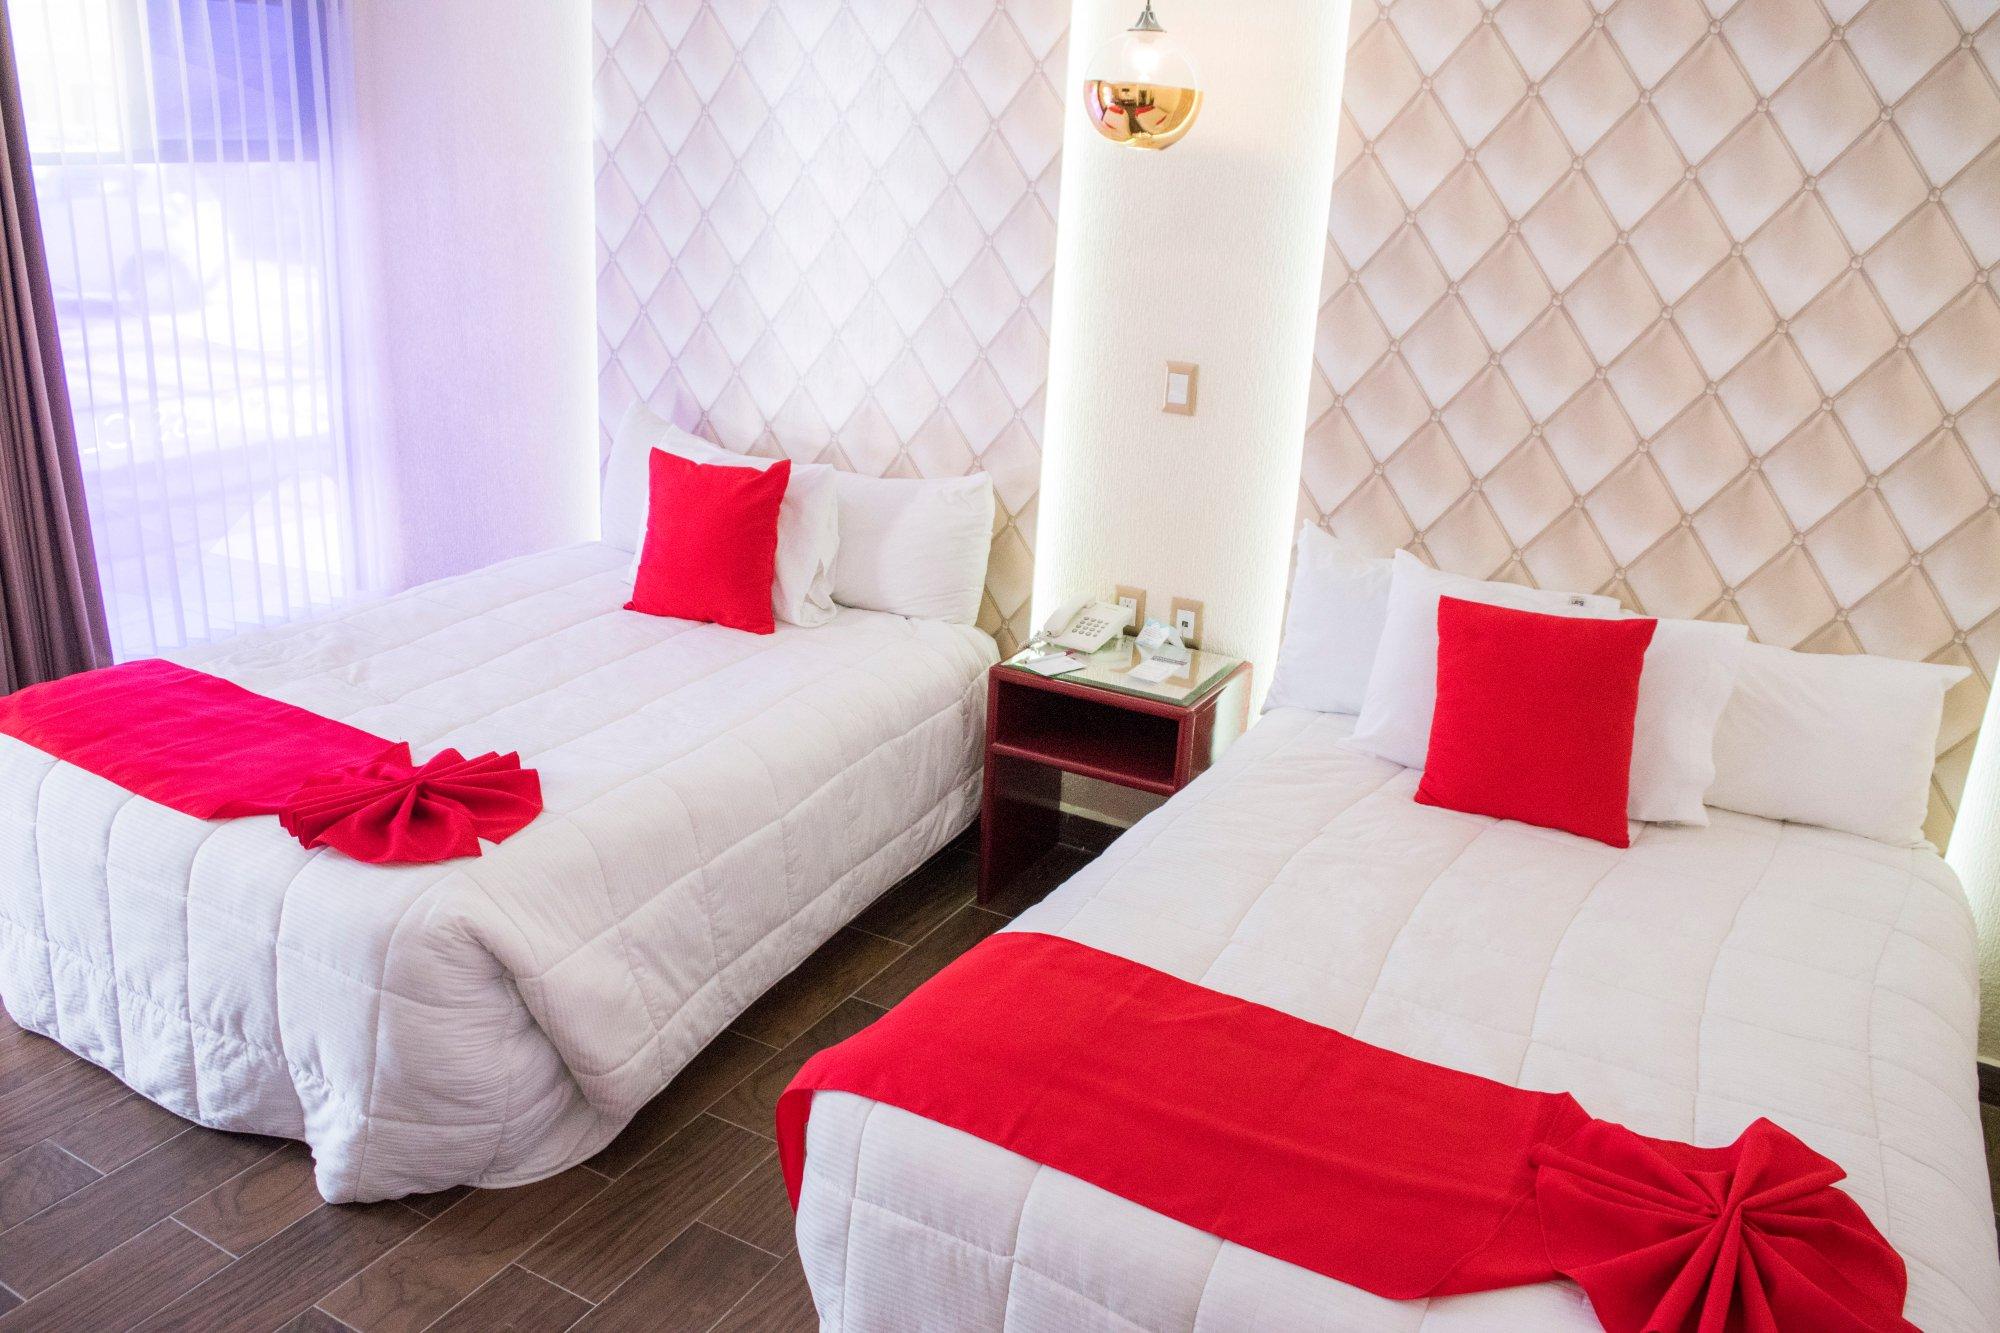 Hotel Medrano